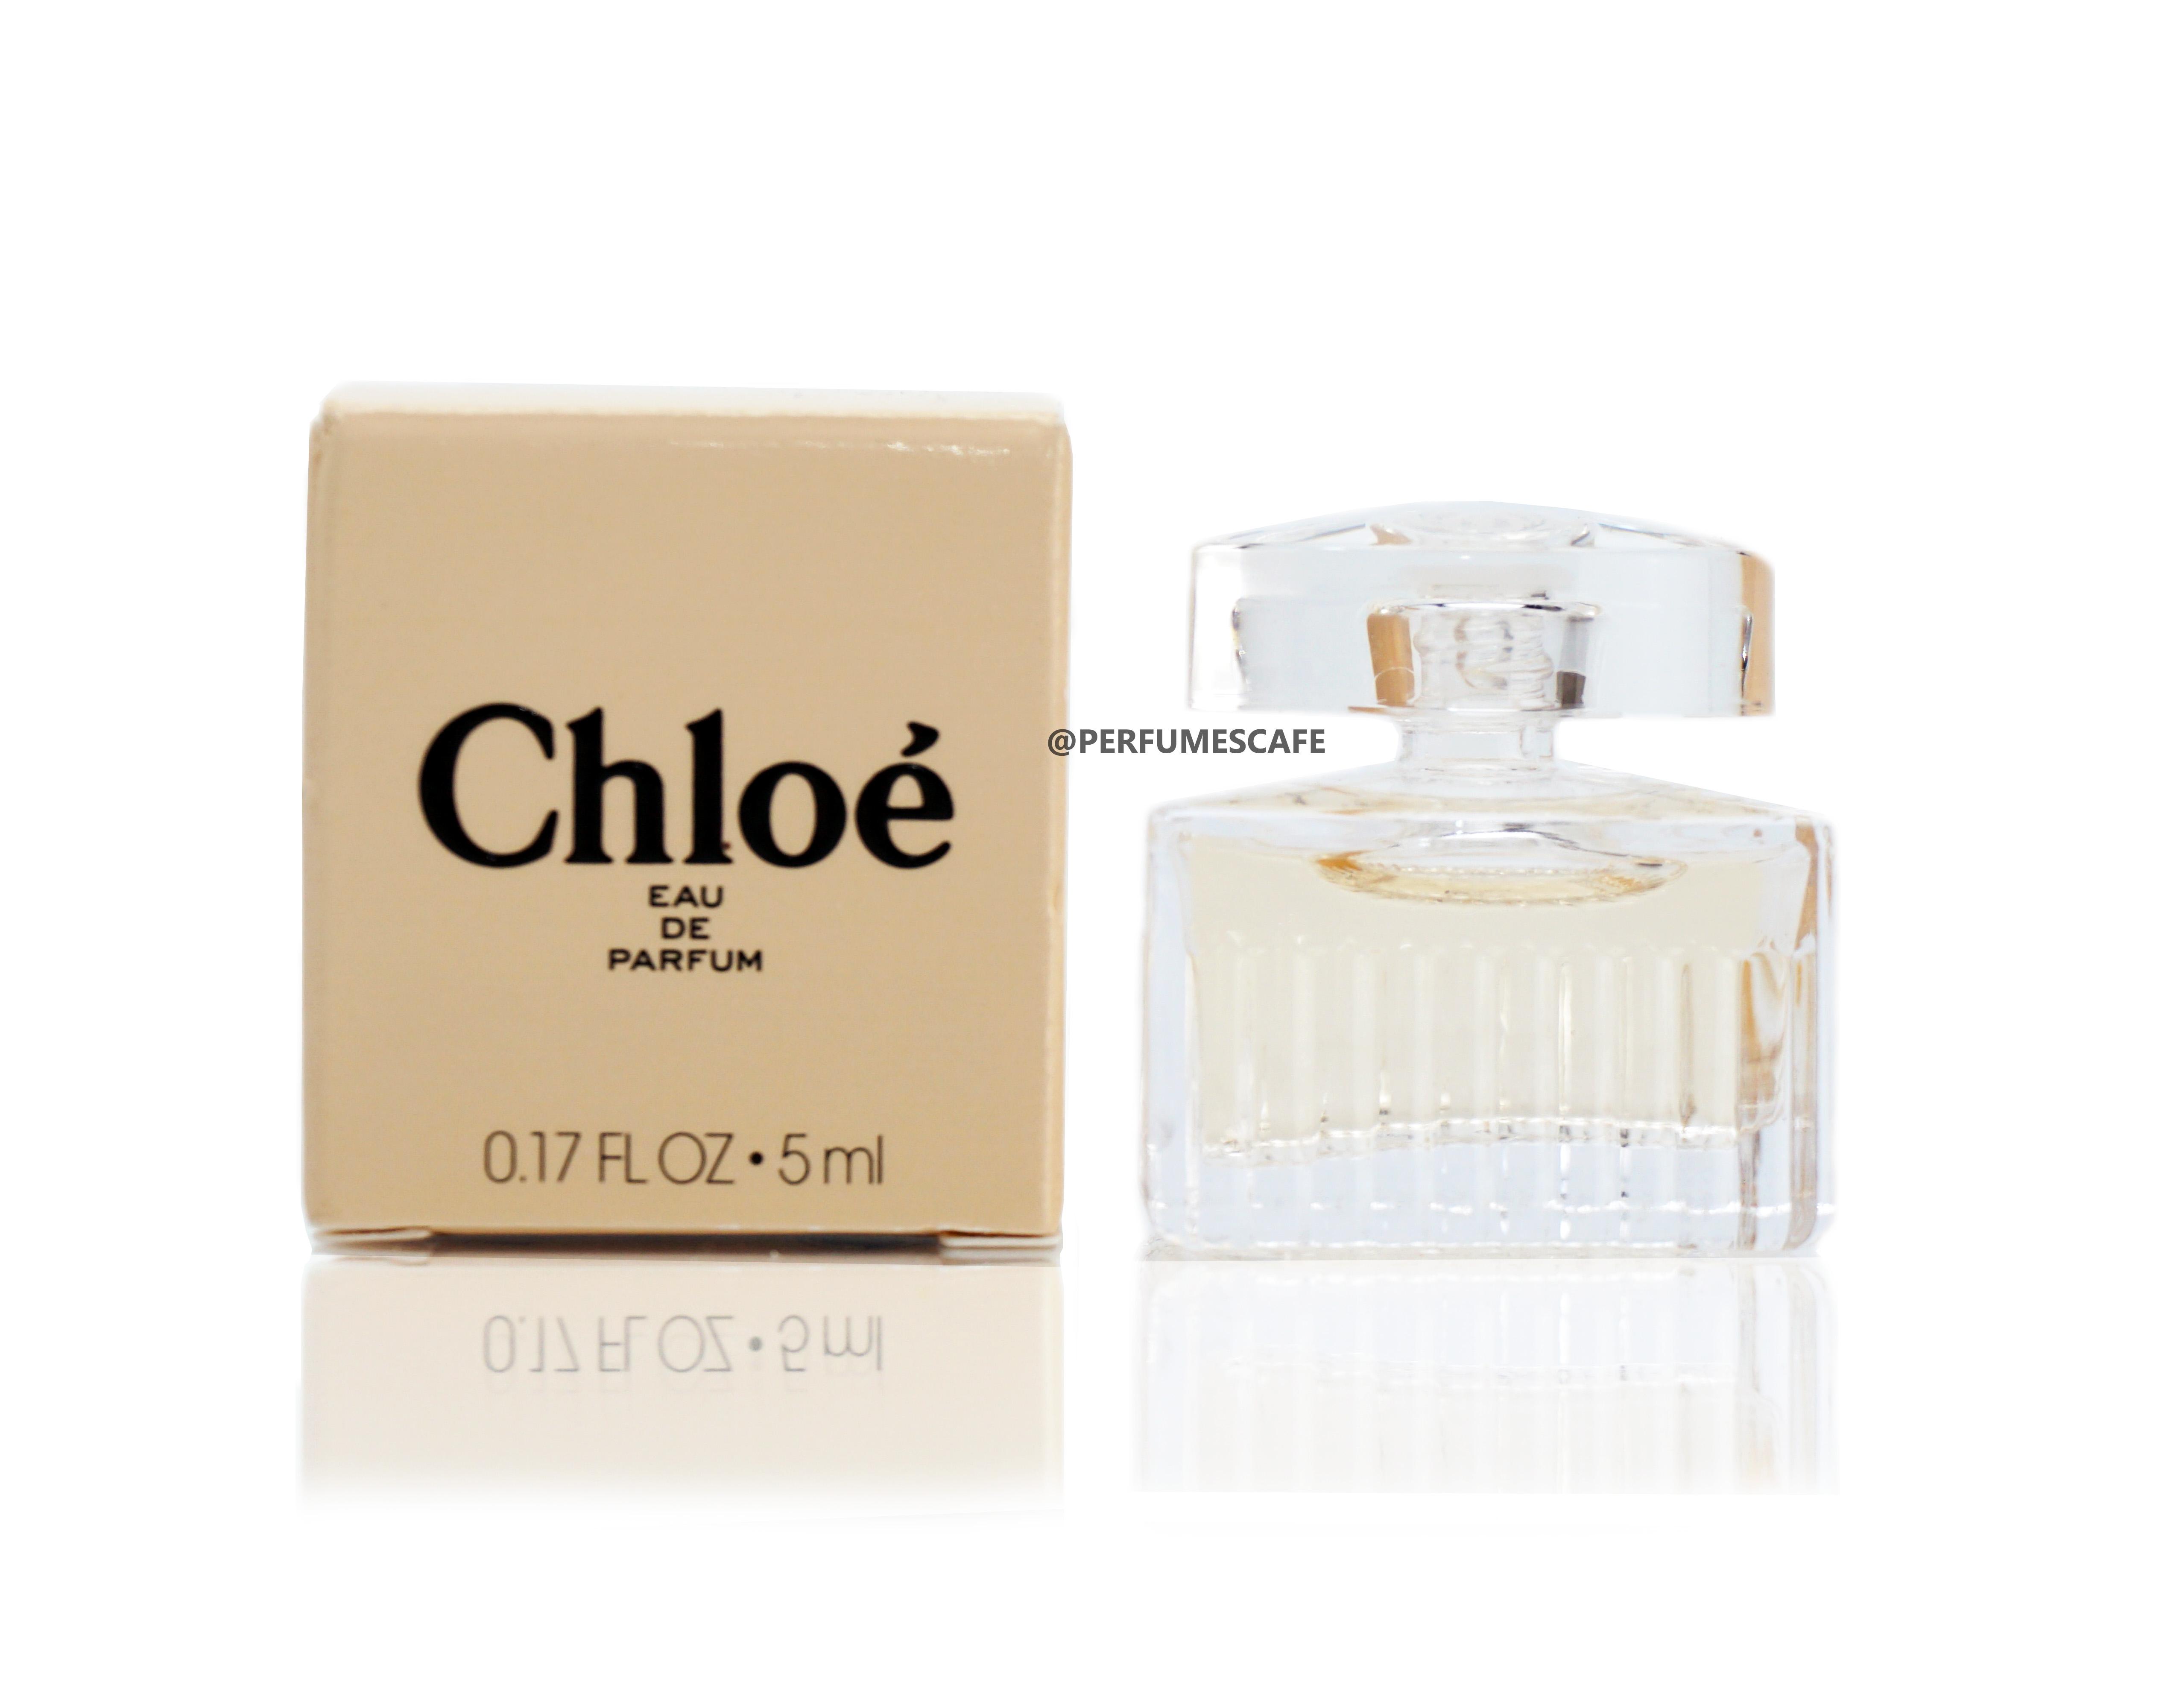 น้ำหอม Chloe Eau De Parfum ขนาดทดลอง 5ml แบบแต้ม